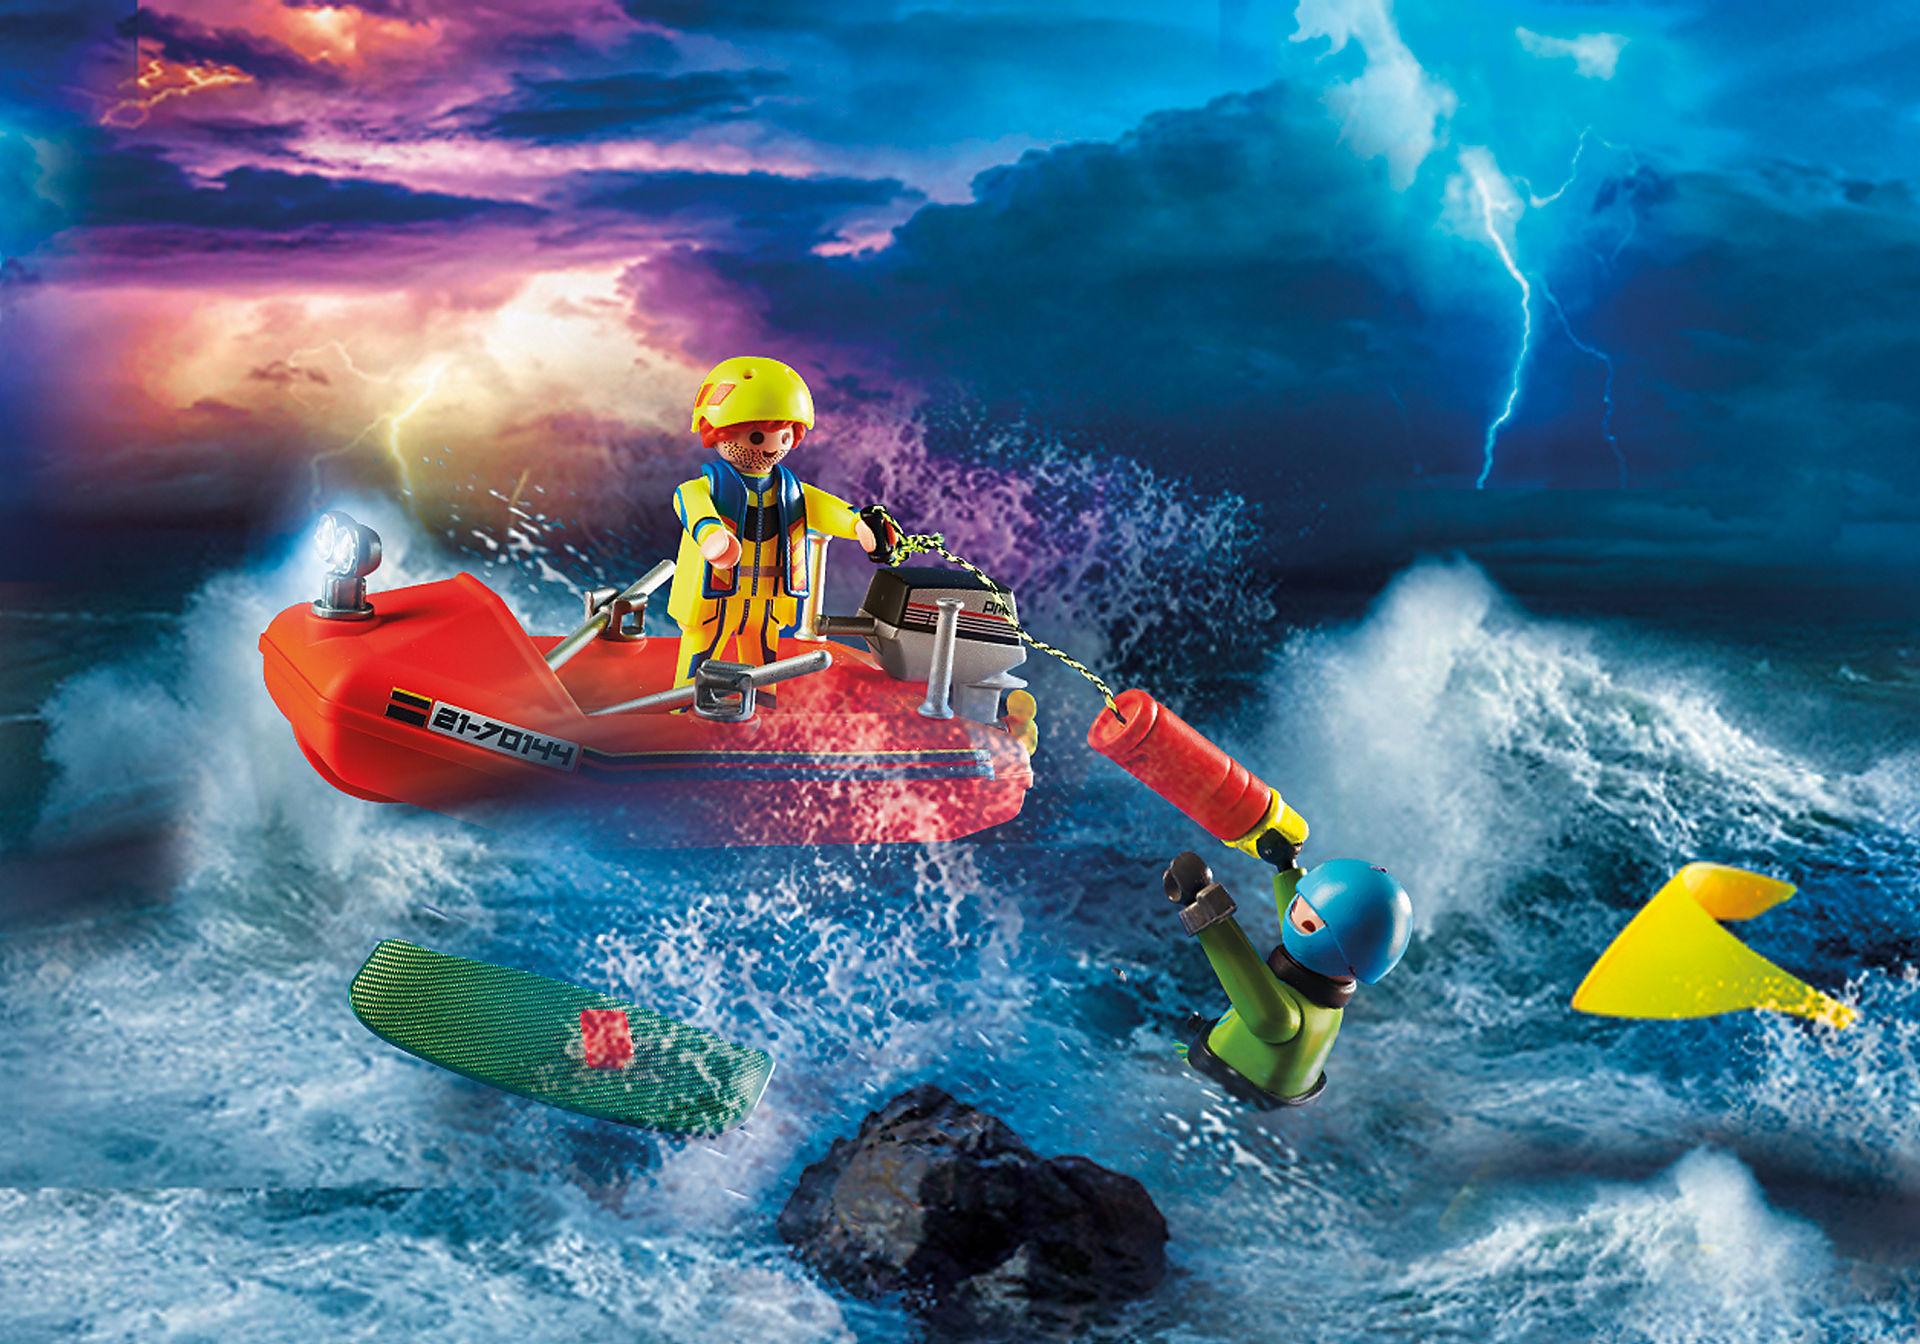 70144 Skibsredning: Kitesurferredning med båd zoom image5